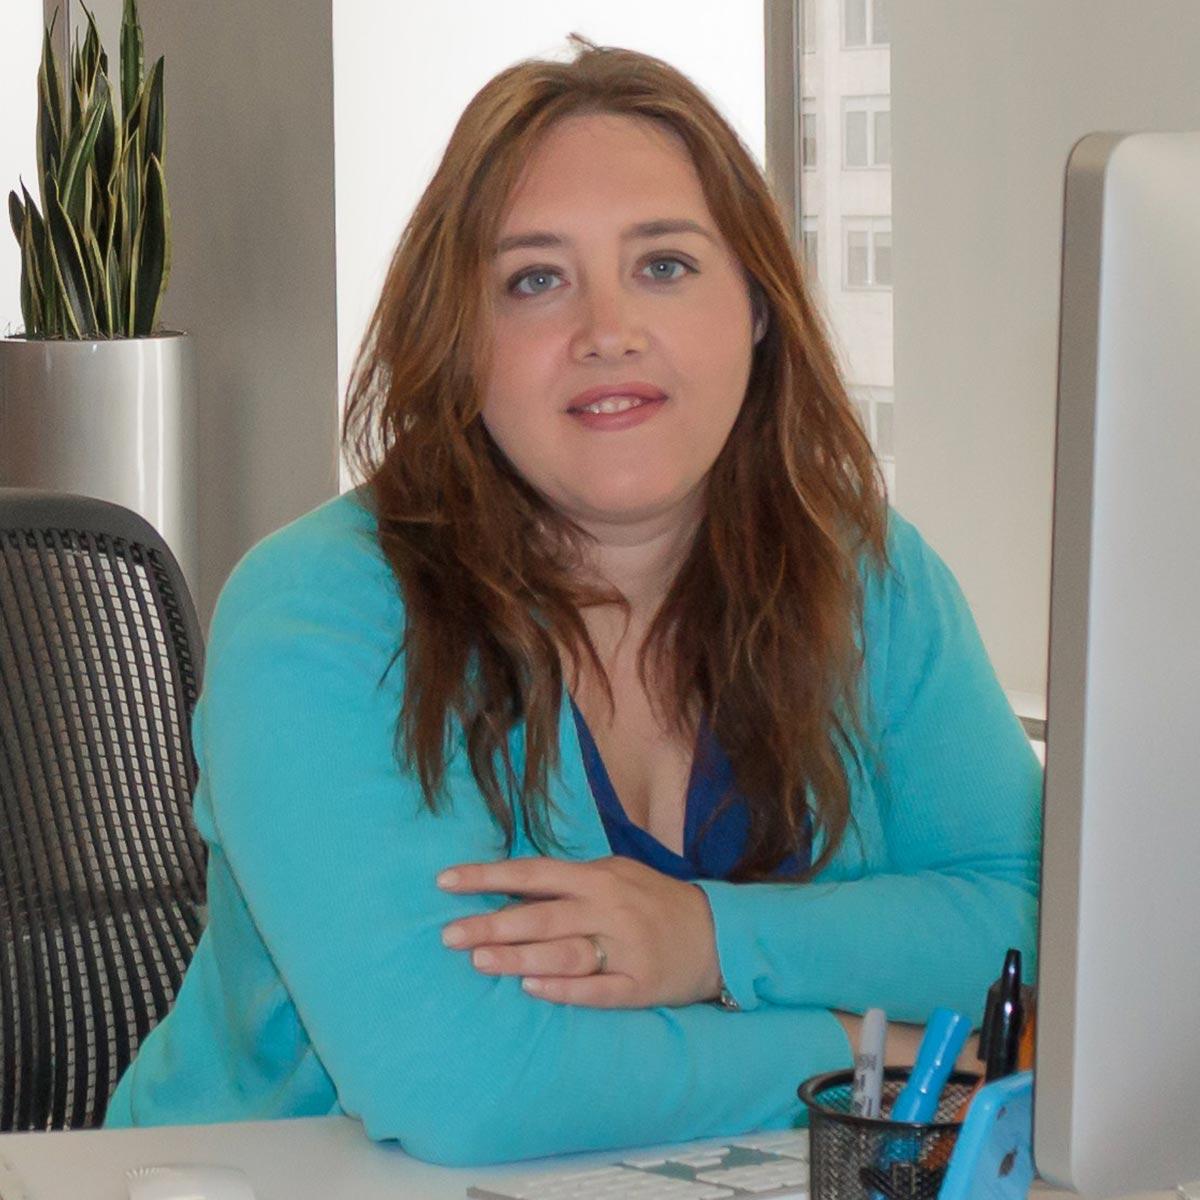 Rachel Schutt